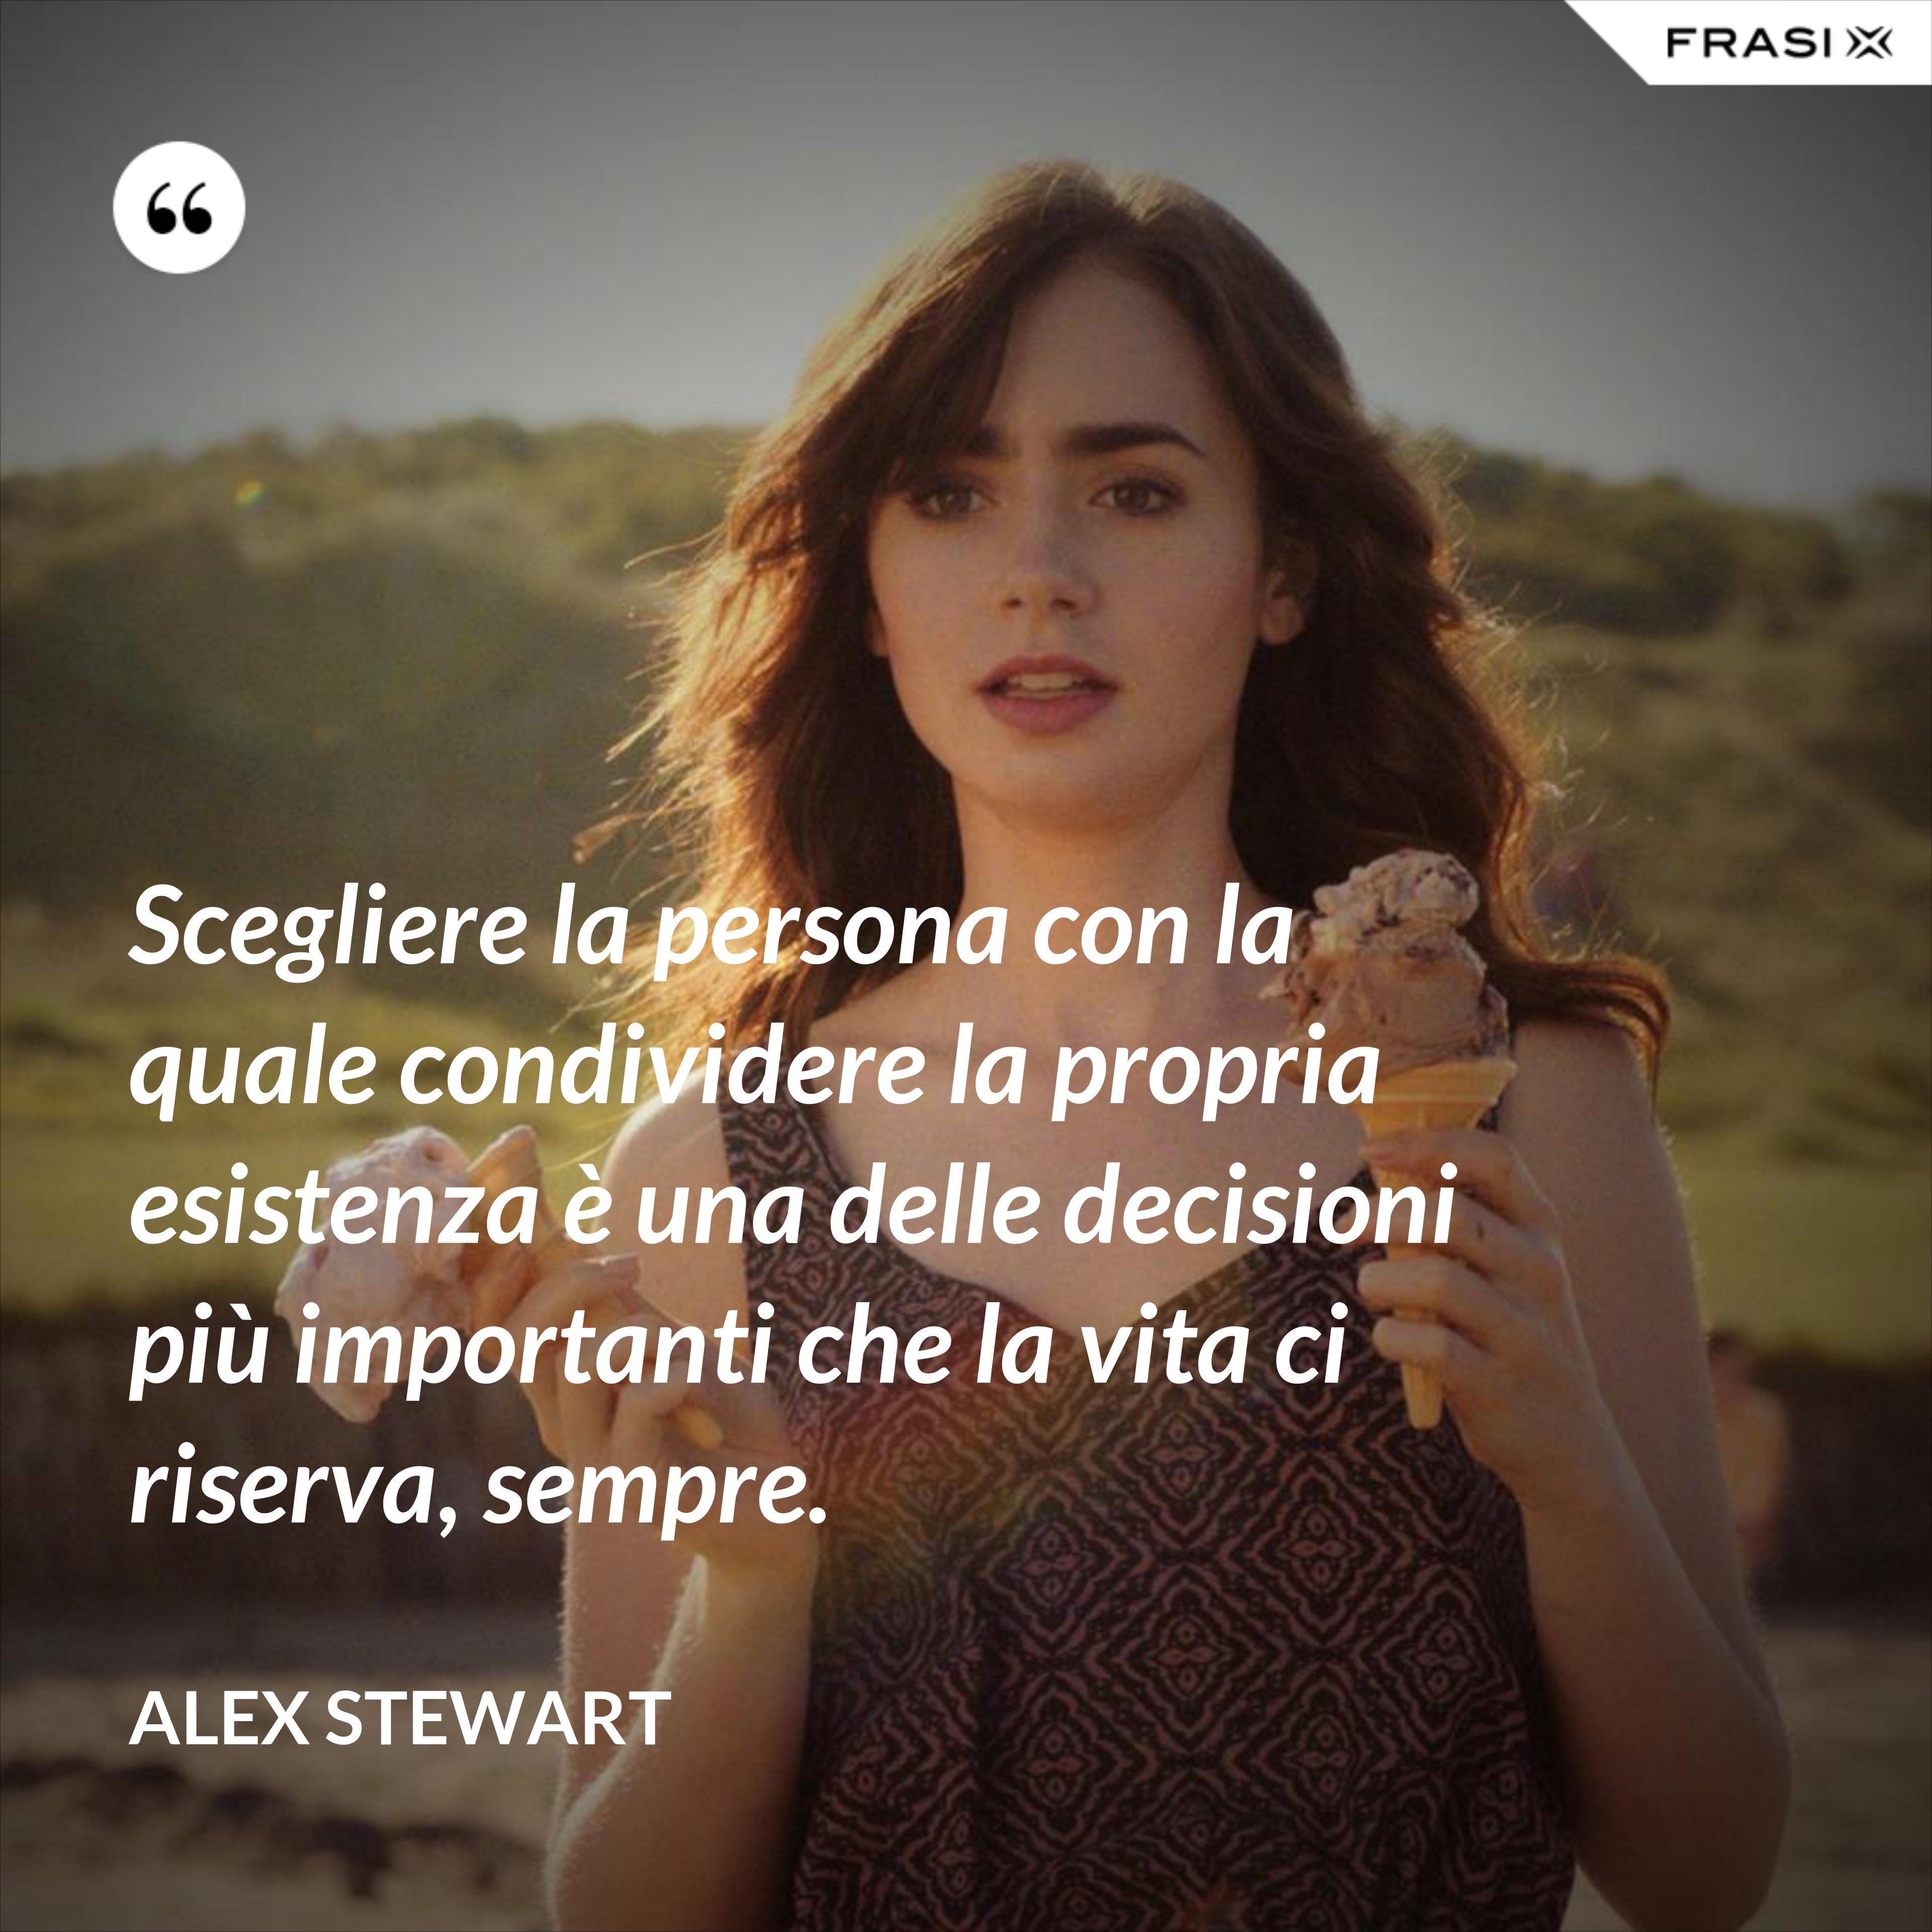 Scegliere la persona con la quale condividere la propria esistenza è una delle decisioni più importanti che la vita ci riserva, sempre. - Alex Stewart